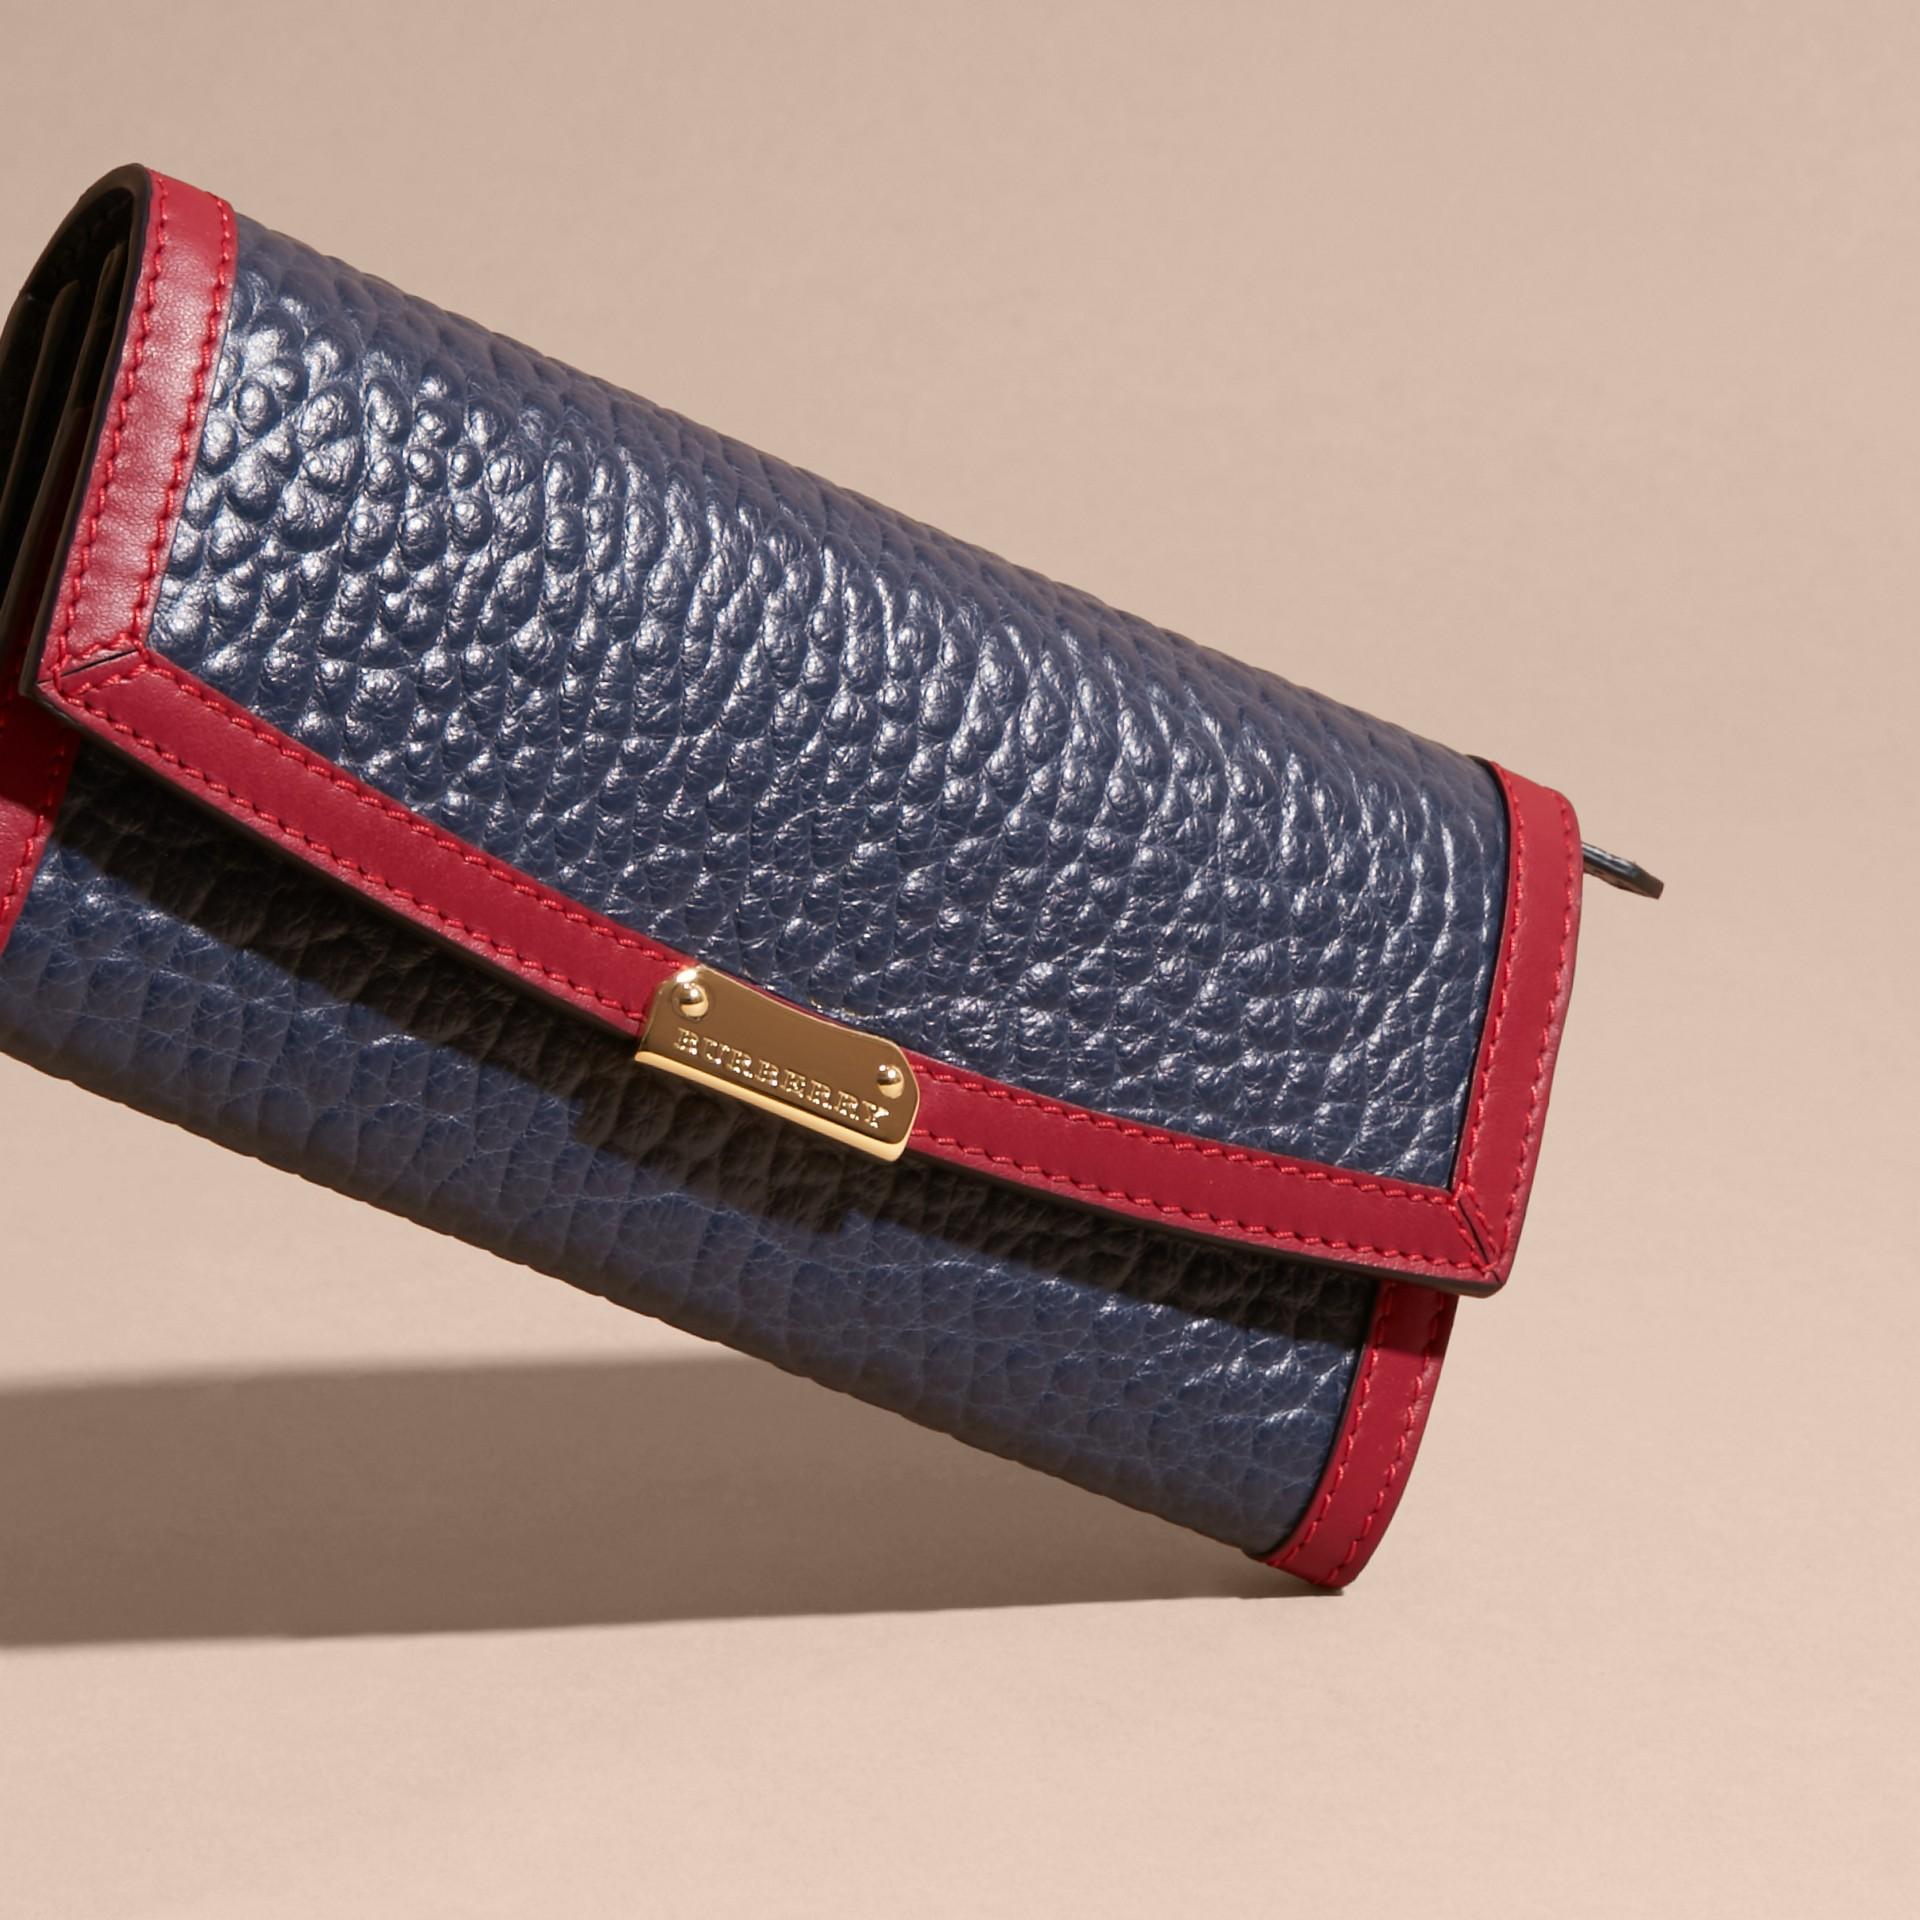 Blu carbonio/rosso parata Portafoglio continental in pelle a grana Burberry con bordo a contrasto - immagine della galleria 3